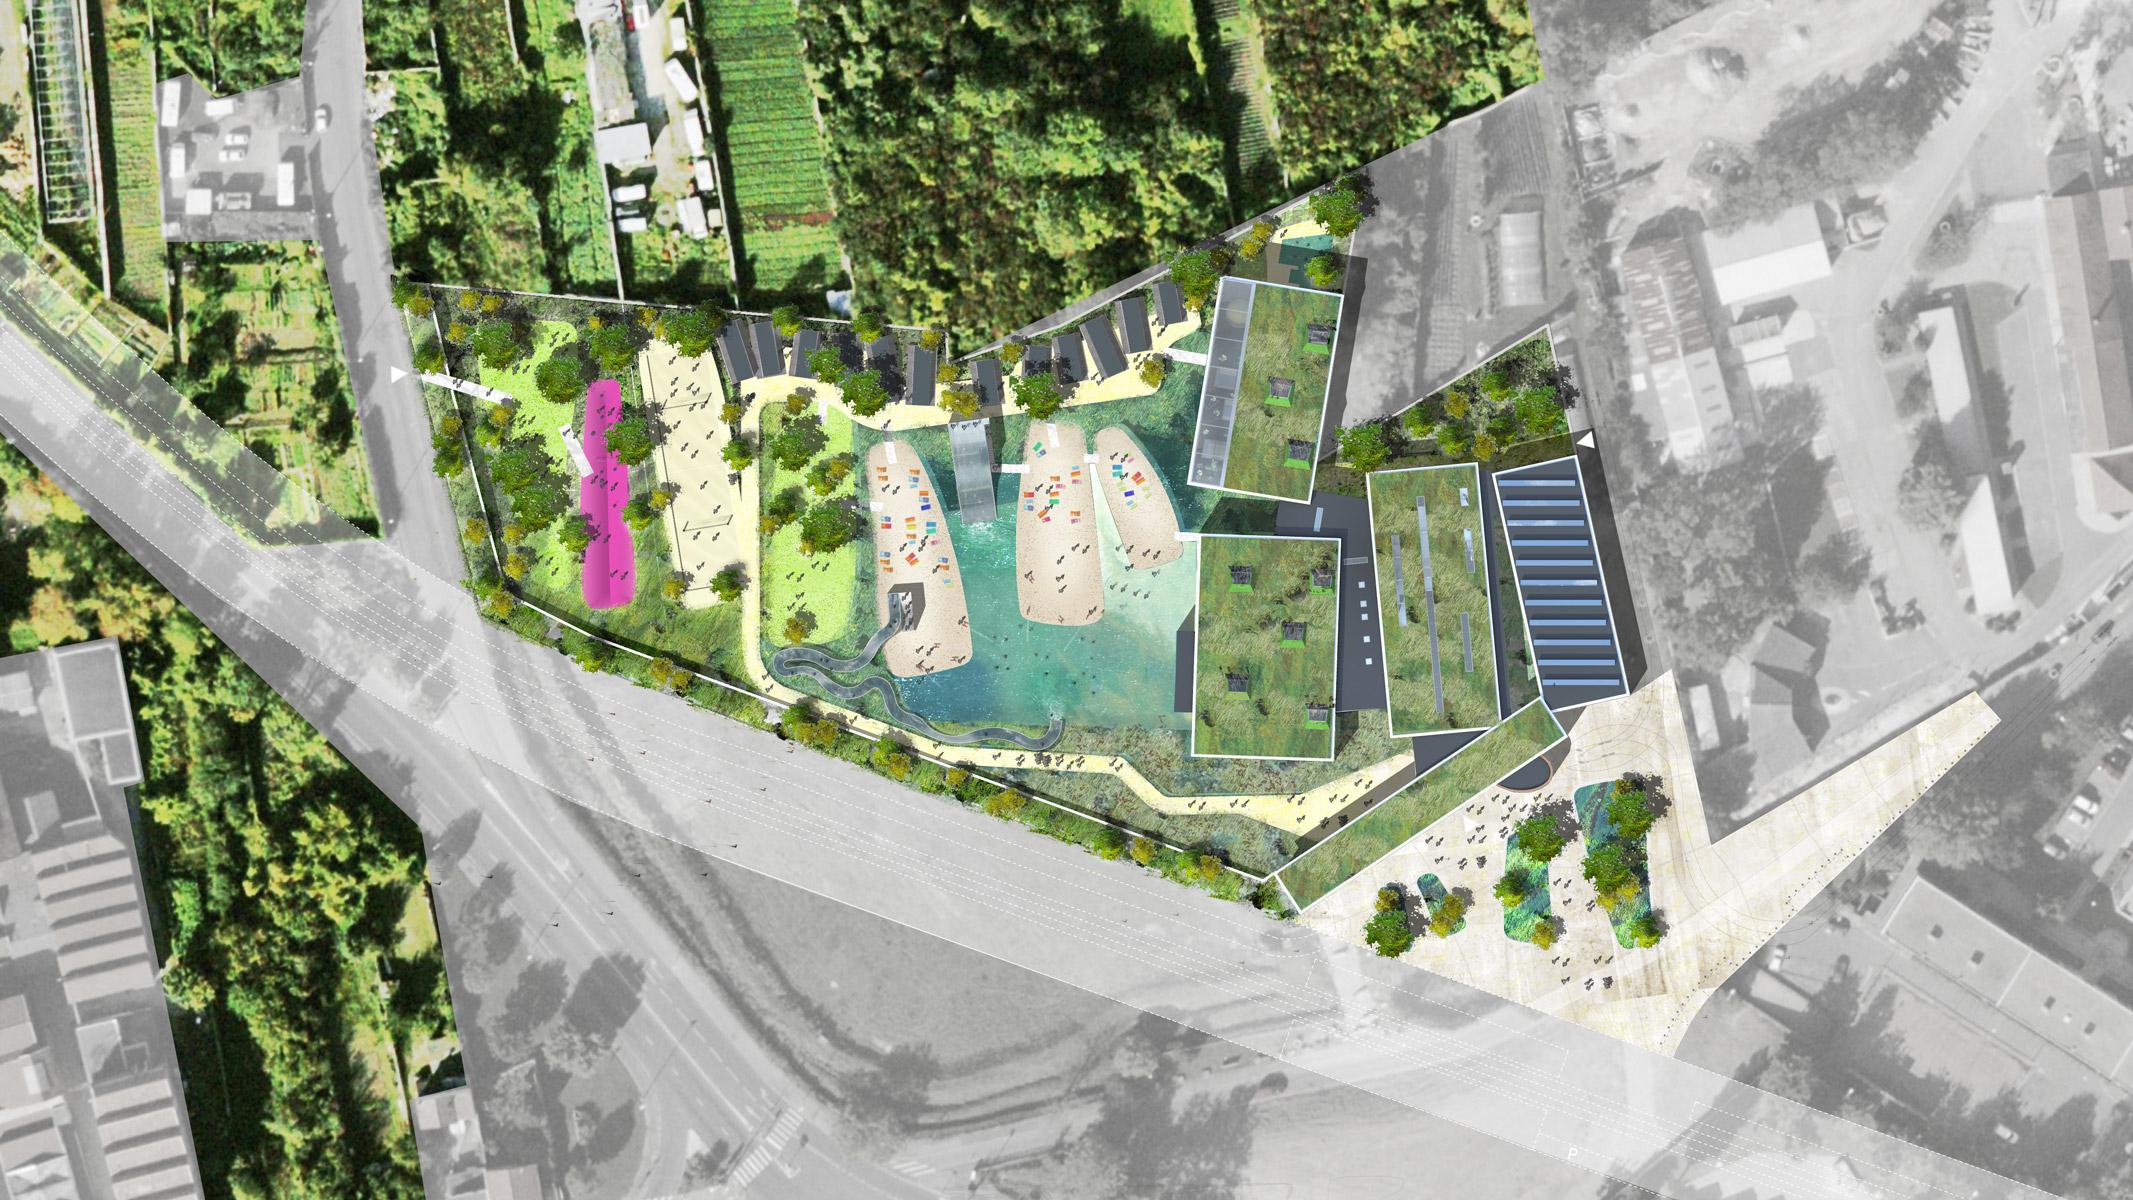 Montreuil / Piscine Écologique | Agence Ter encequiconcerne Piscine Des Murs À Pêche Montreuil